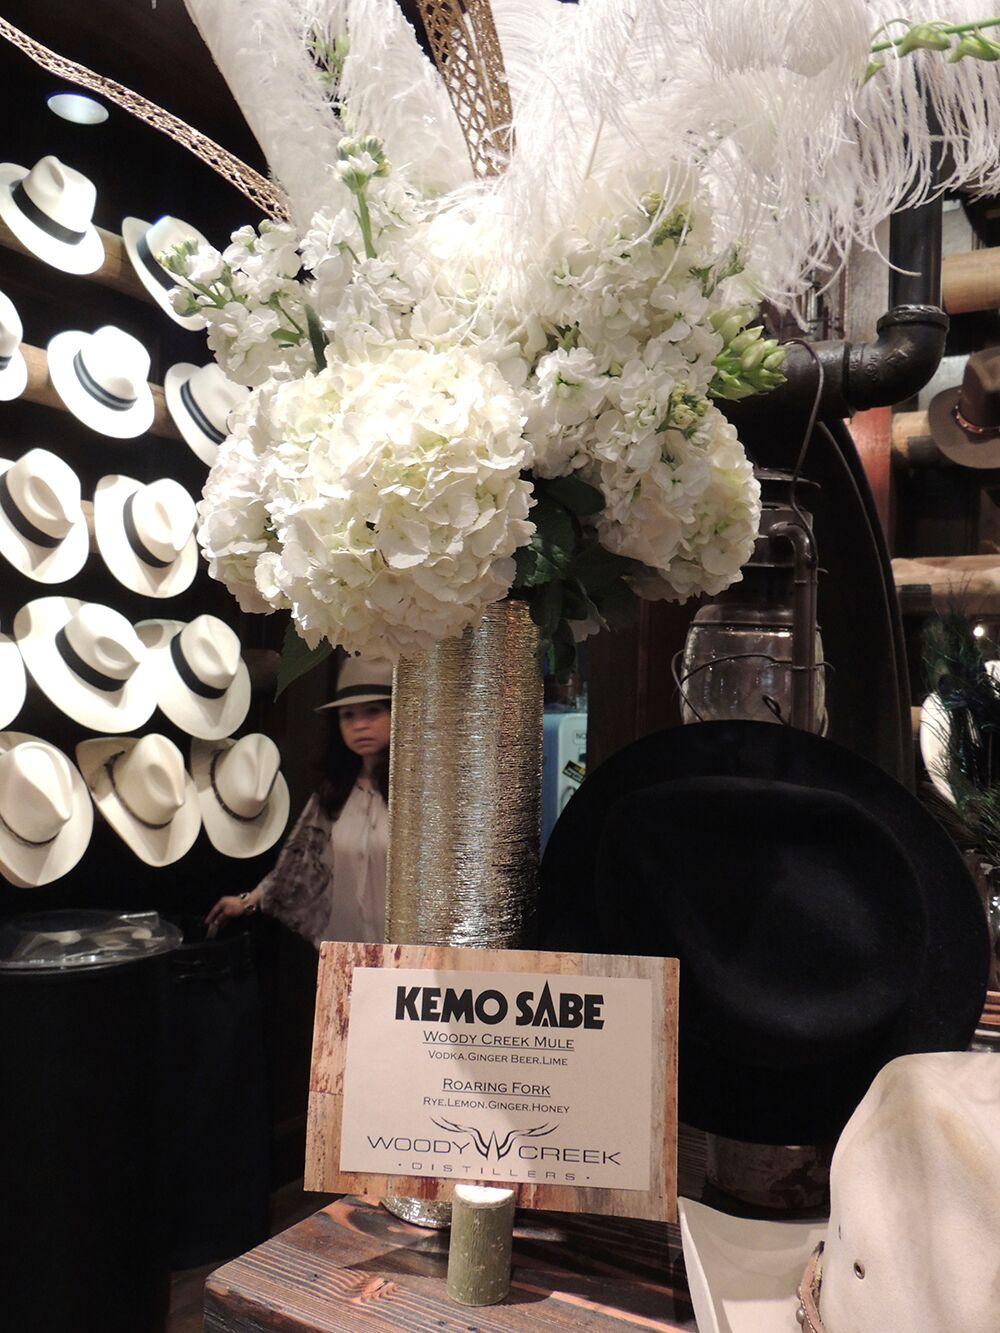 Kemo Sabe-Woody Creek Vodka Bar Signs